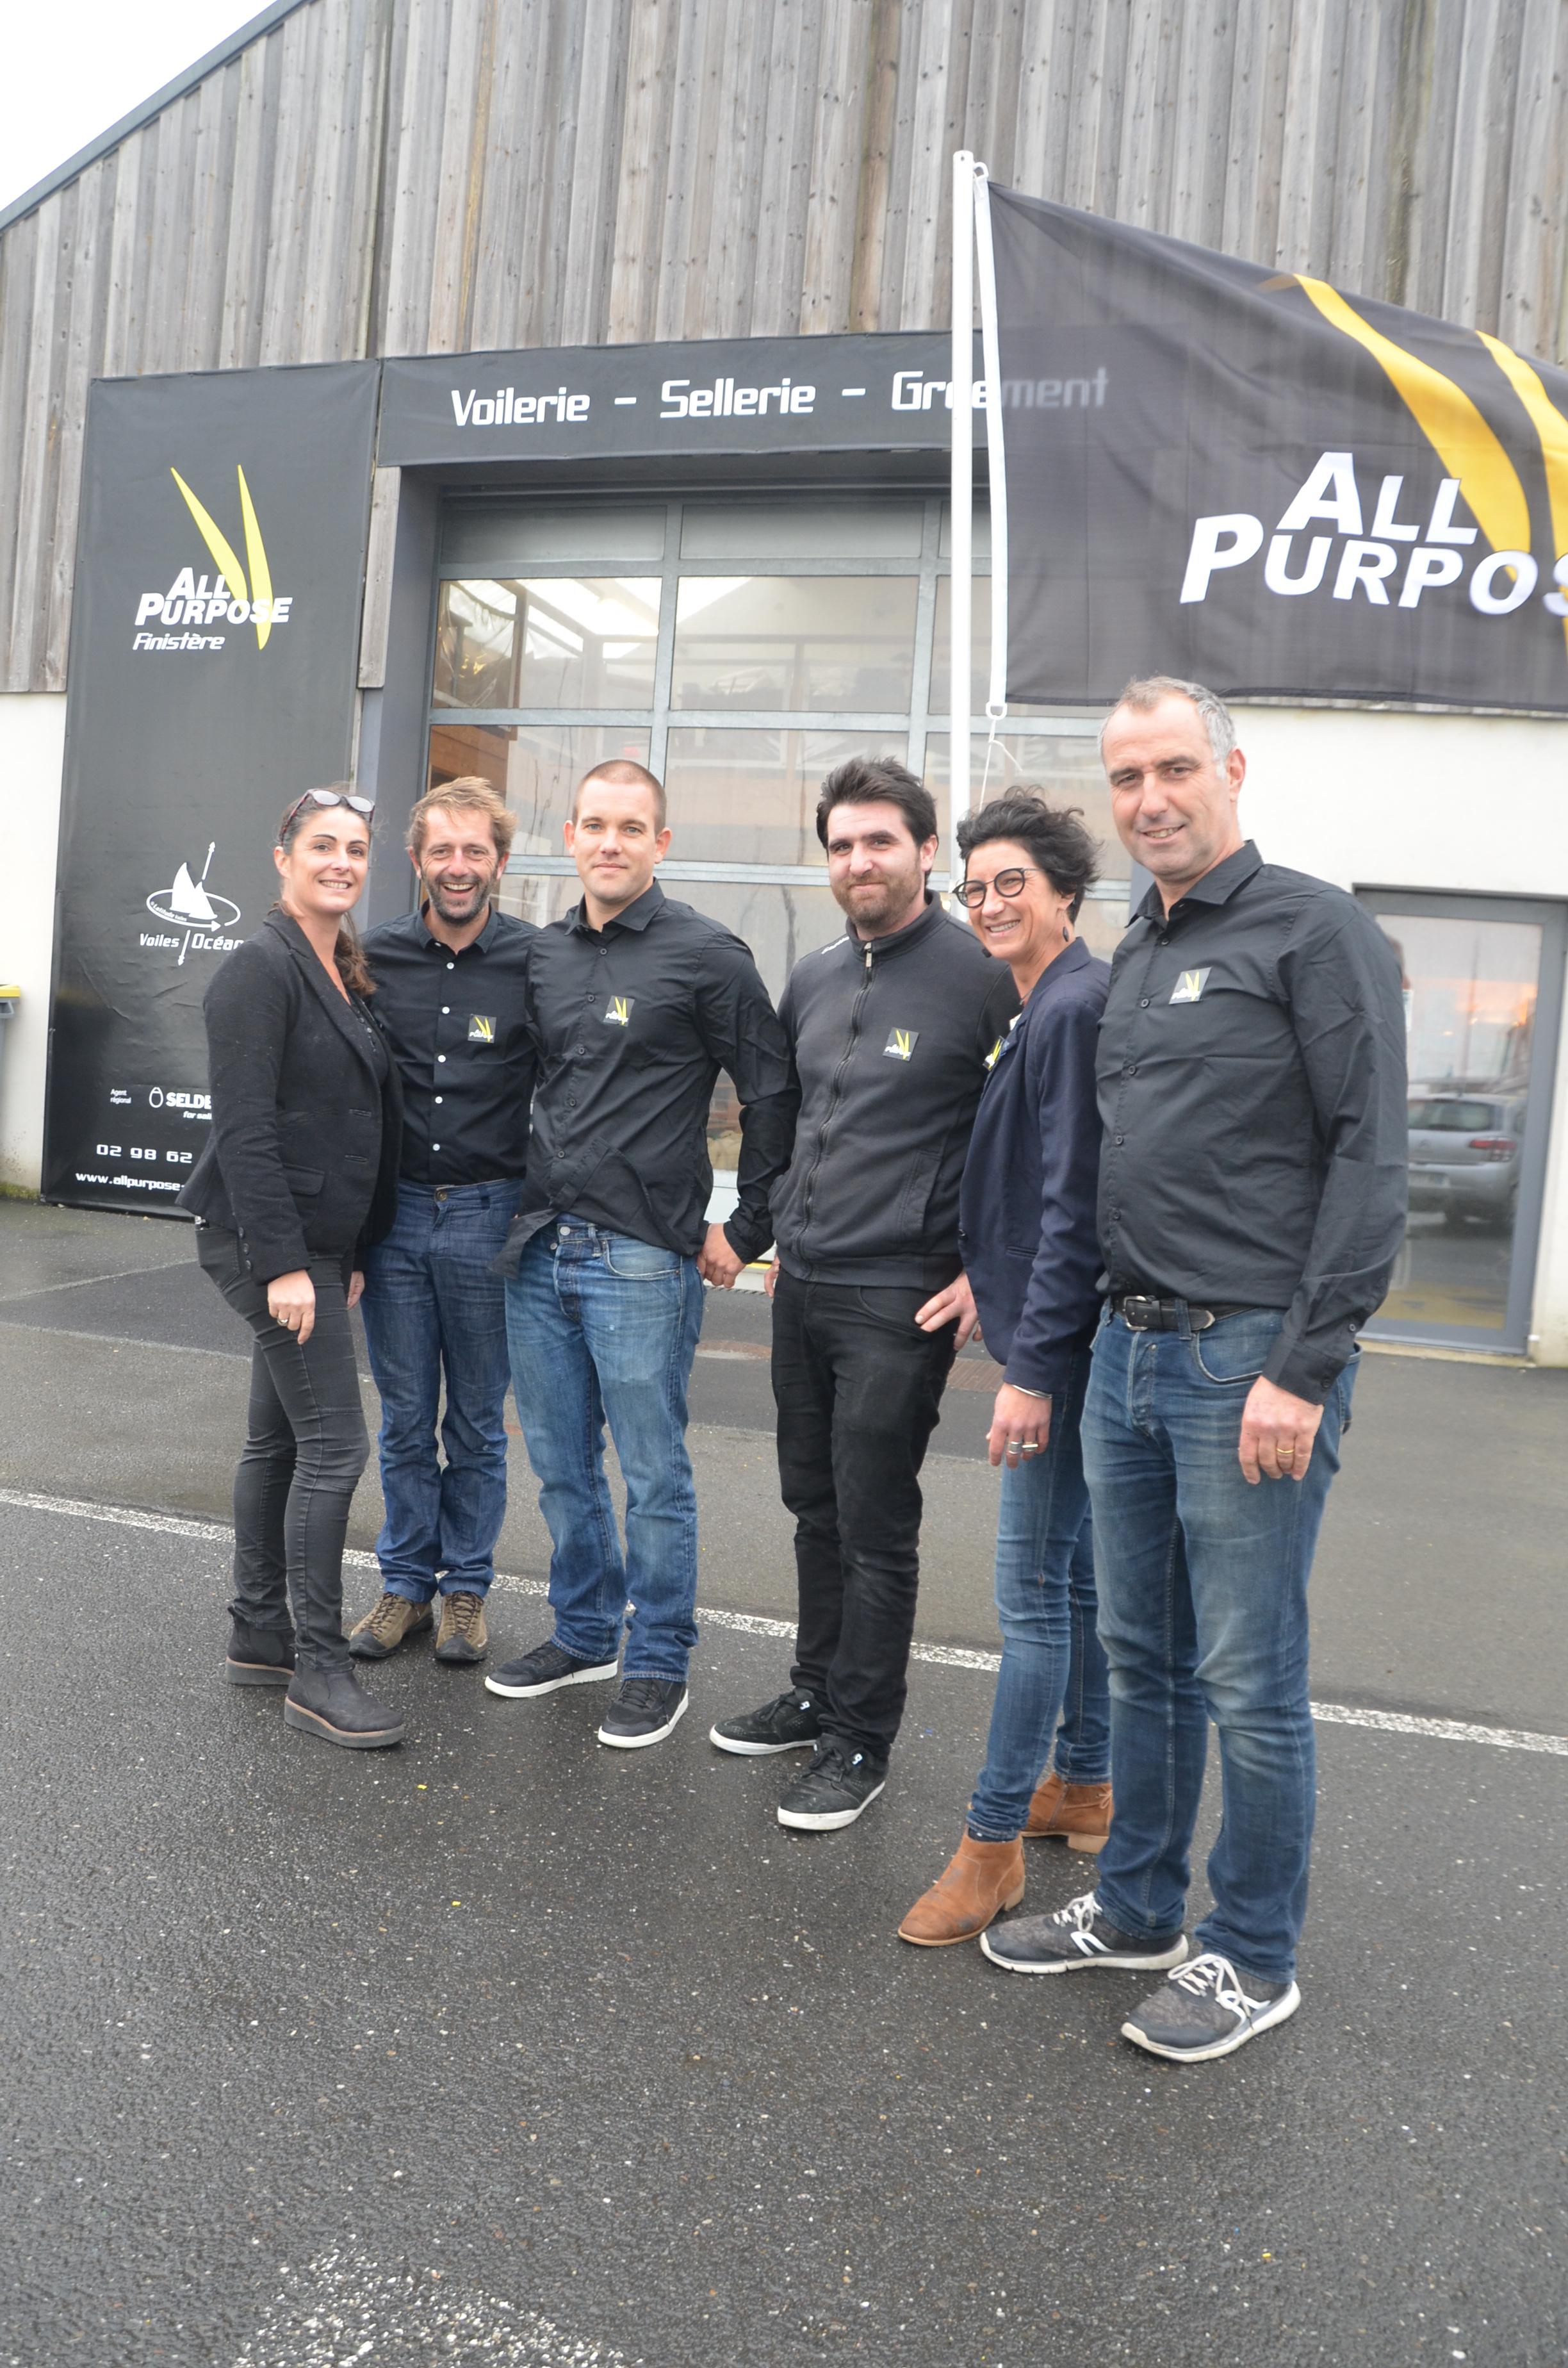 L'équipe All Purpose de Roscoff avec de gauche à droite : Nathalie, Stéphane, Alex, Mathieu, Charlotte et Gaêl